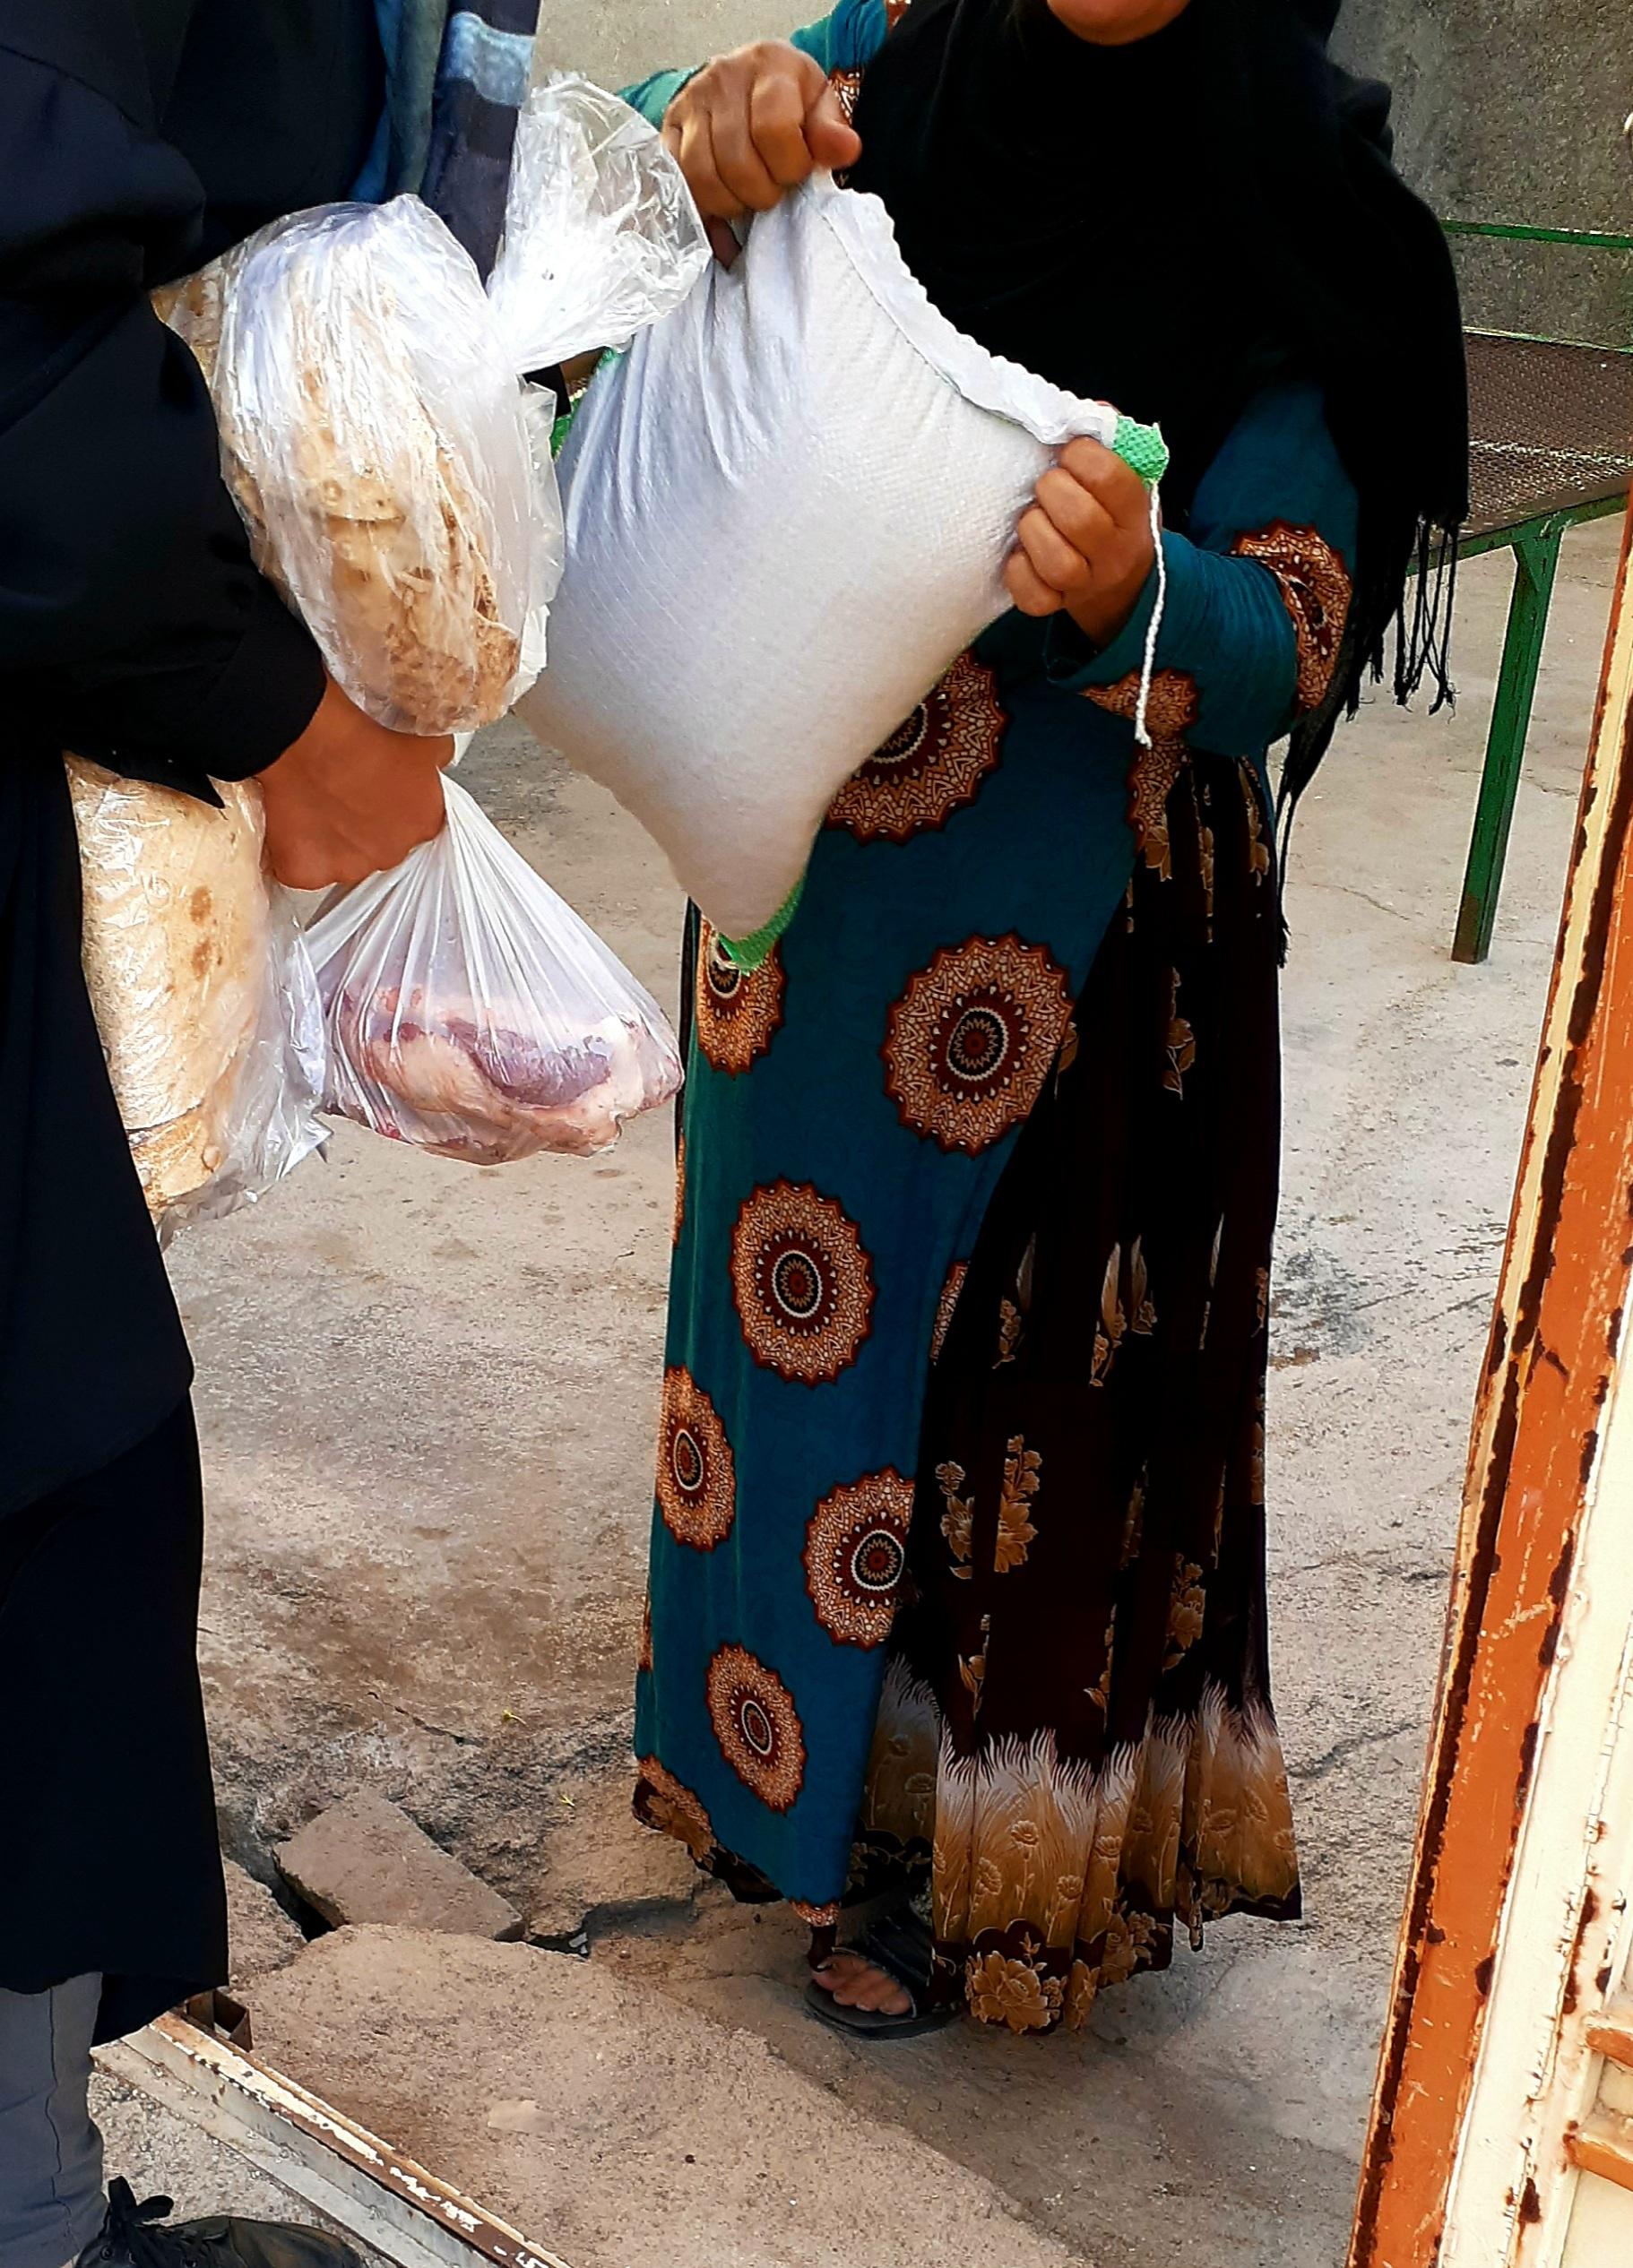 توزیع بسته های غذایی خیریه ریحانه النبی با همکاری نهاد آبادانی و پیشرفت بنیاد علوی